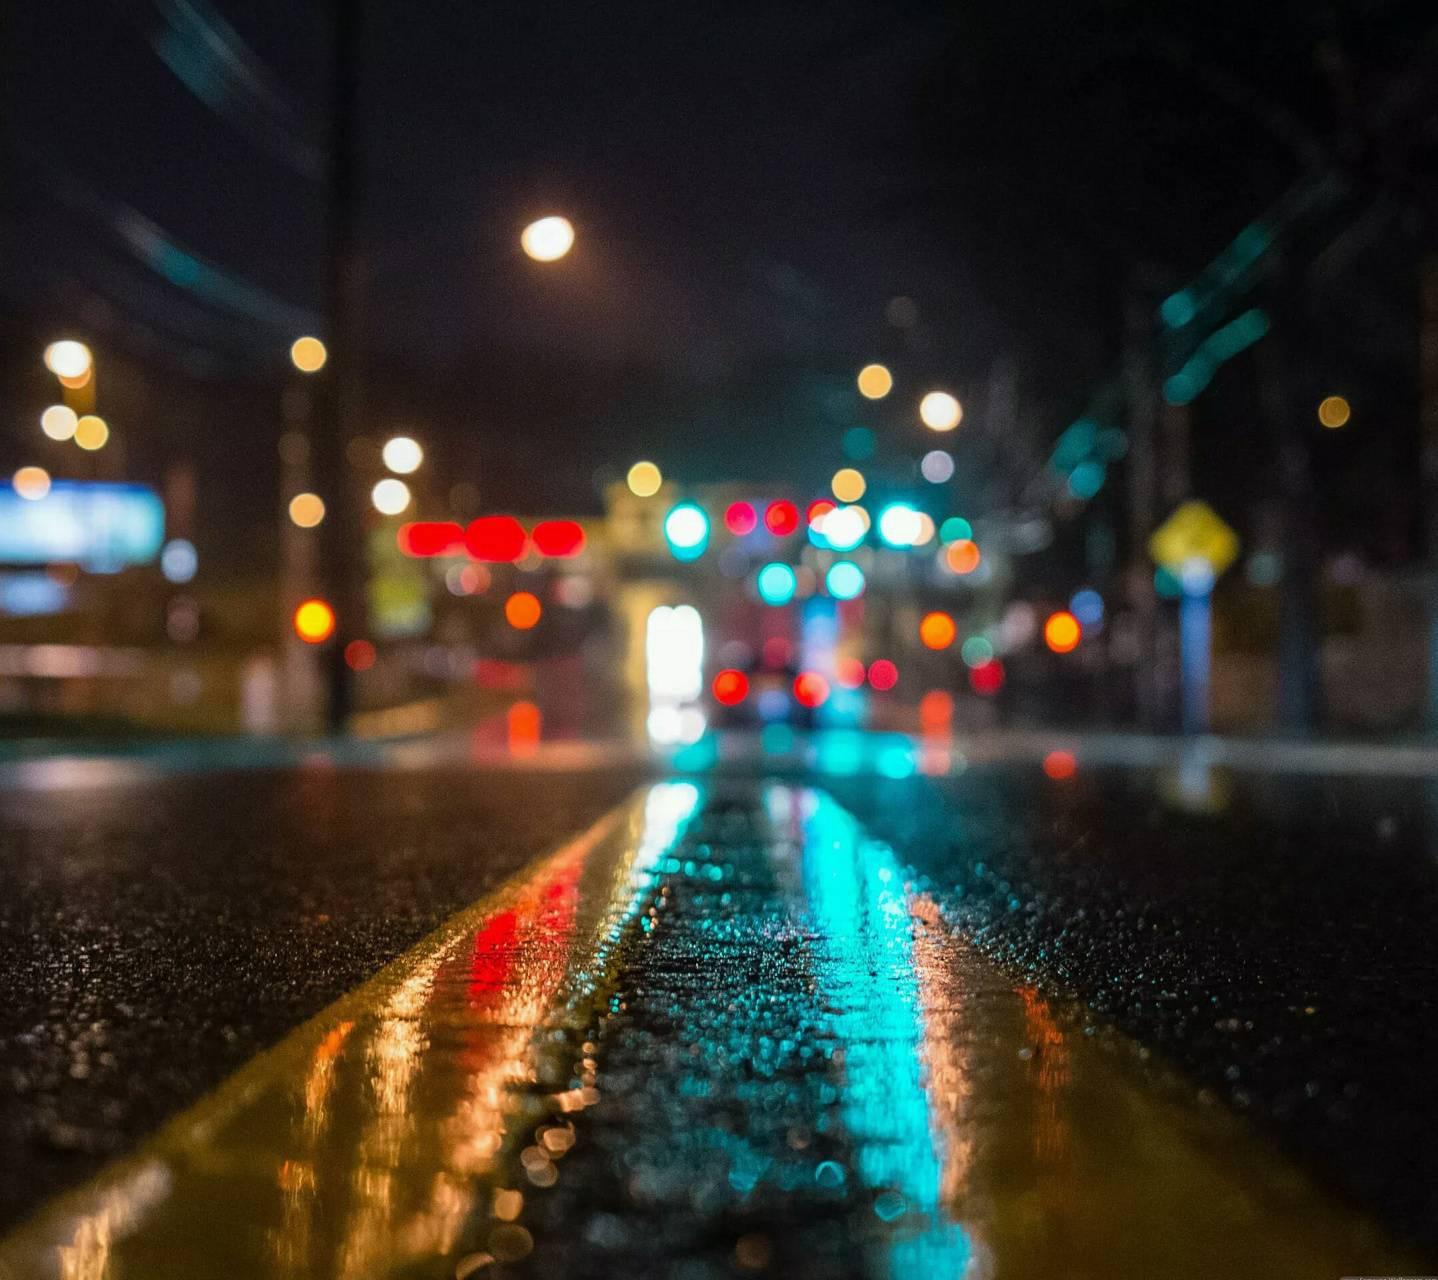 عکس زمینه شب چراغ HD پس زمینه